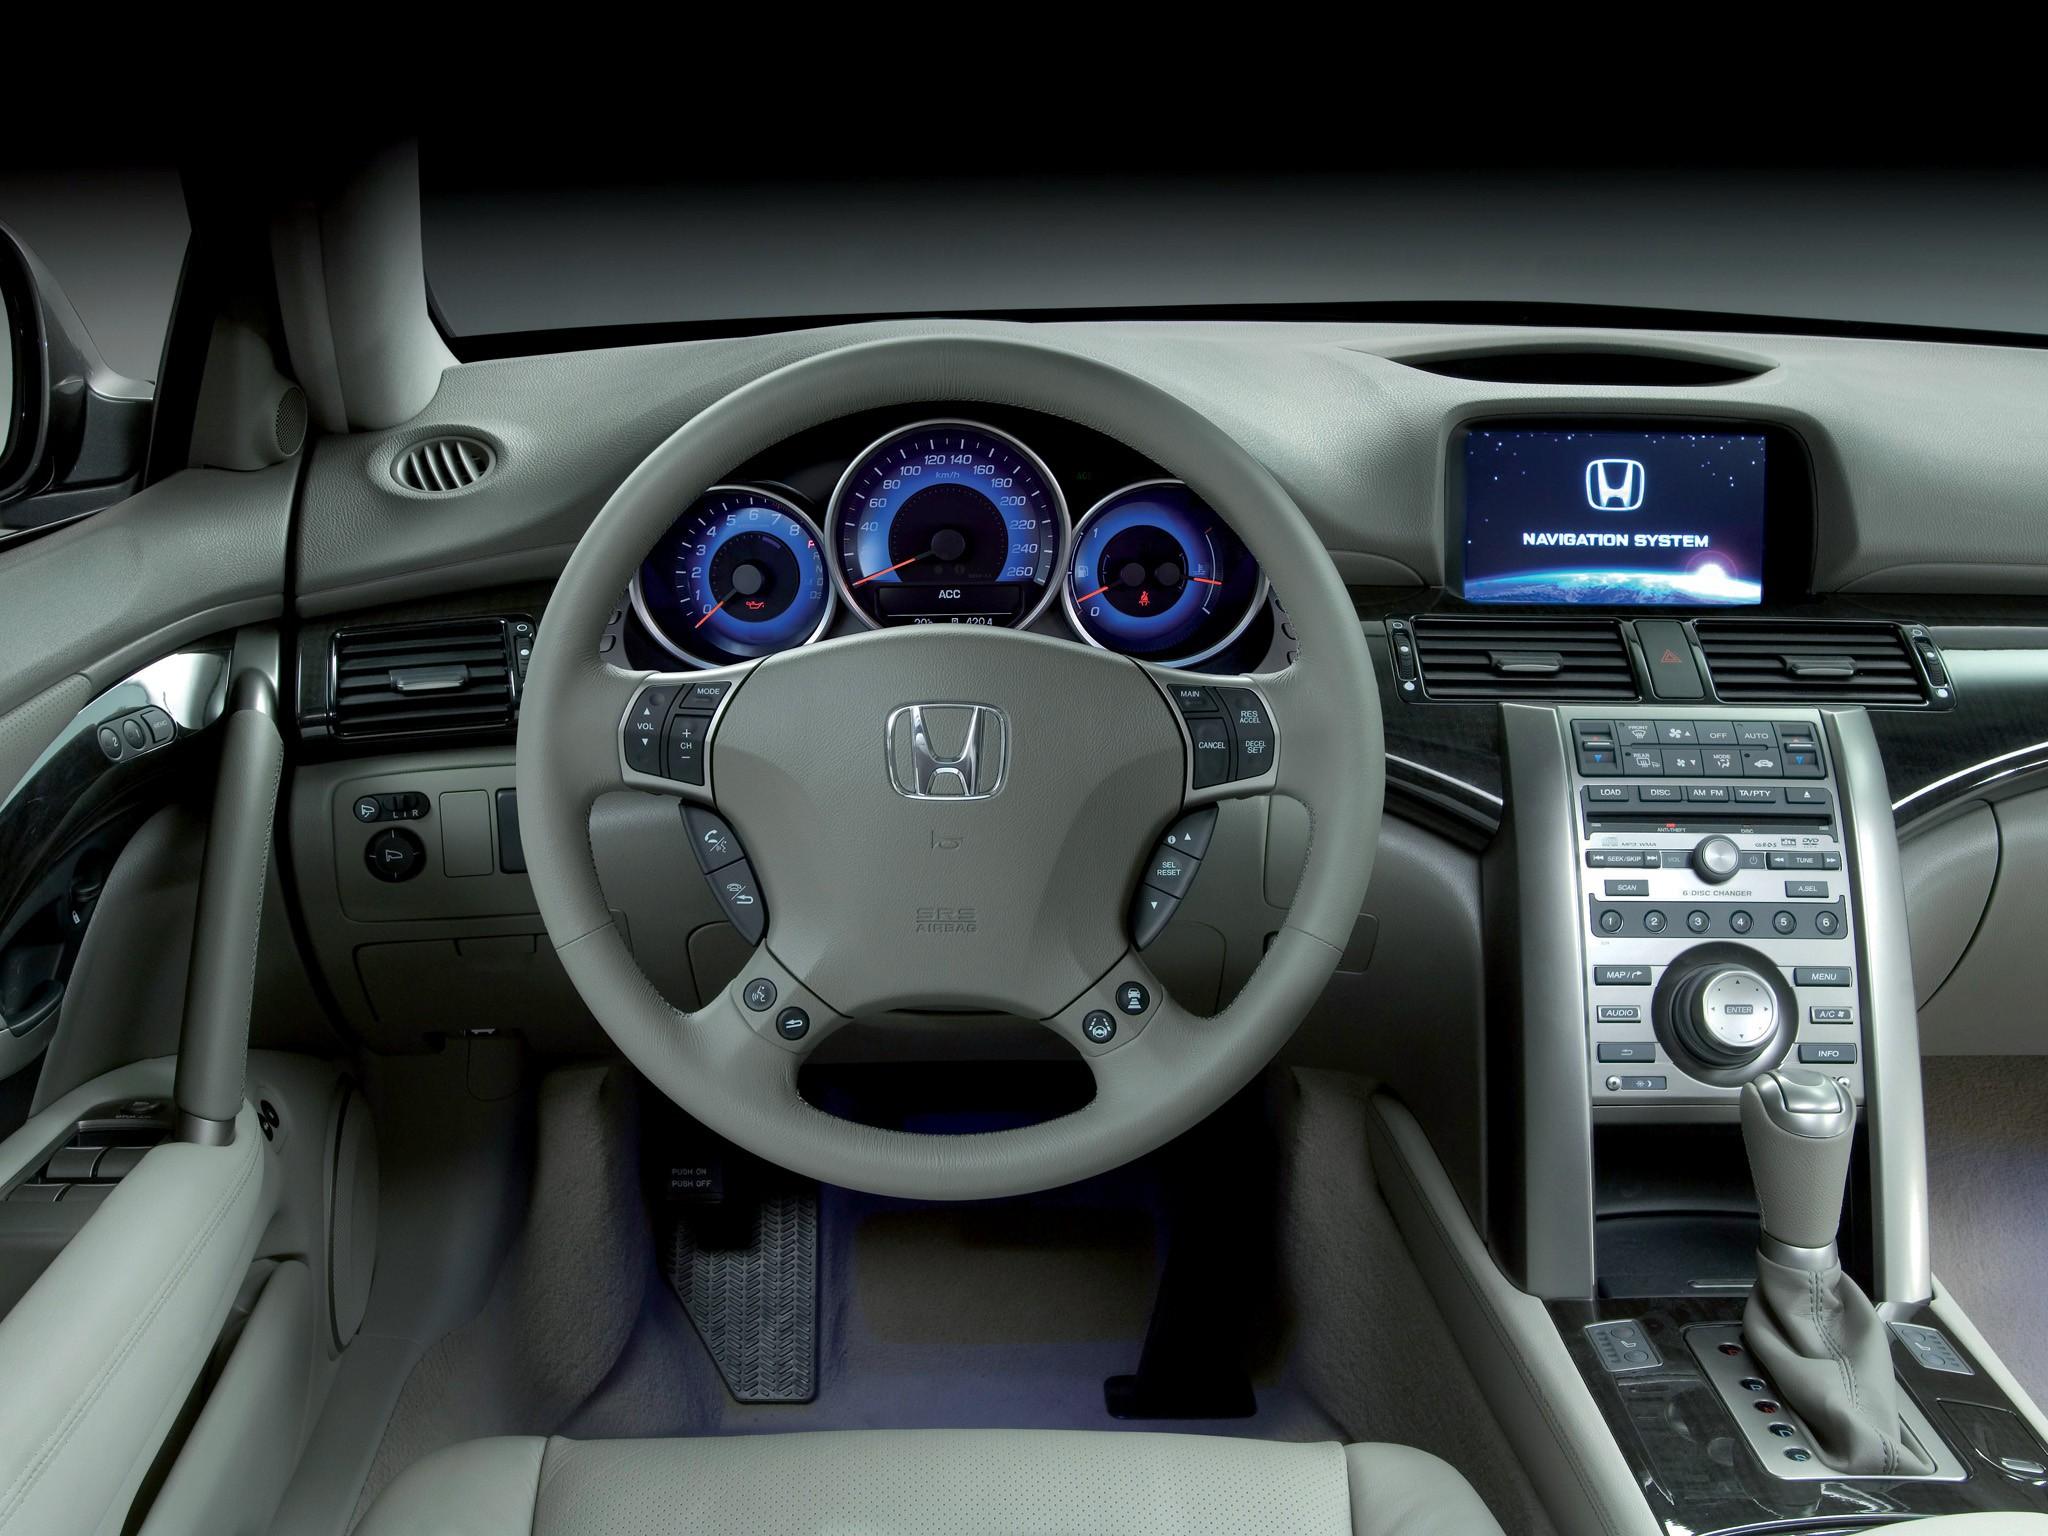 2012 Honda Civic Body Kit